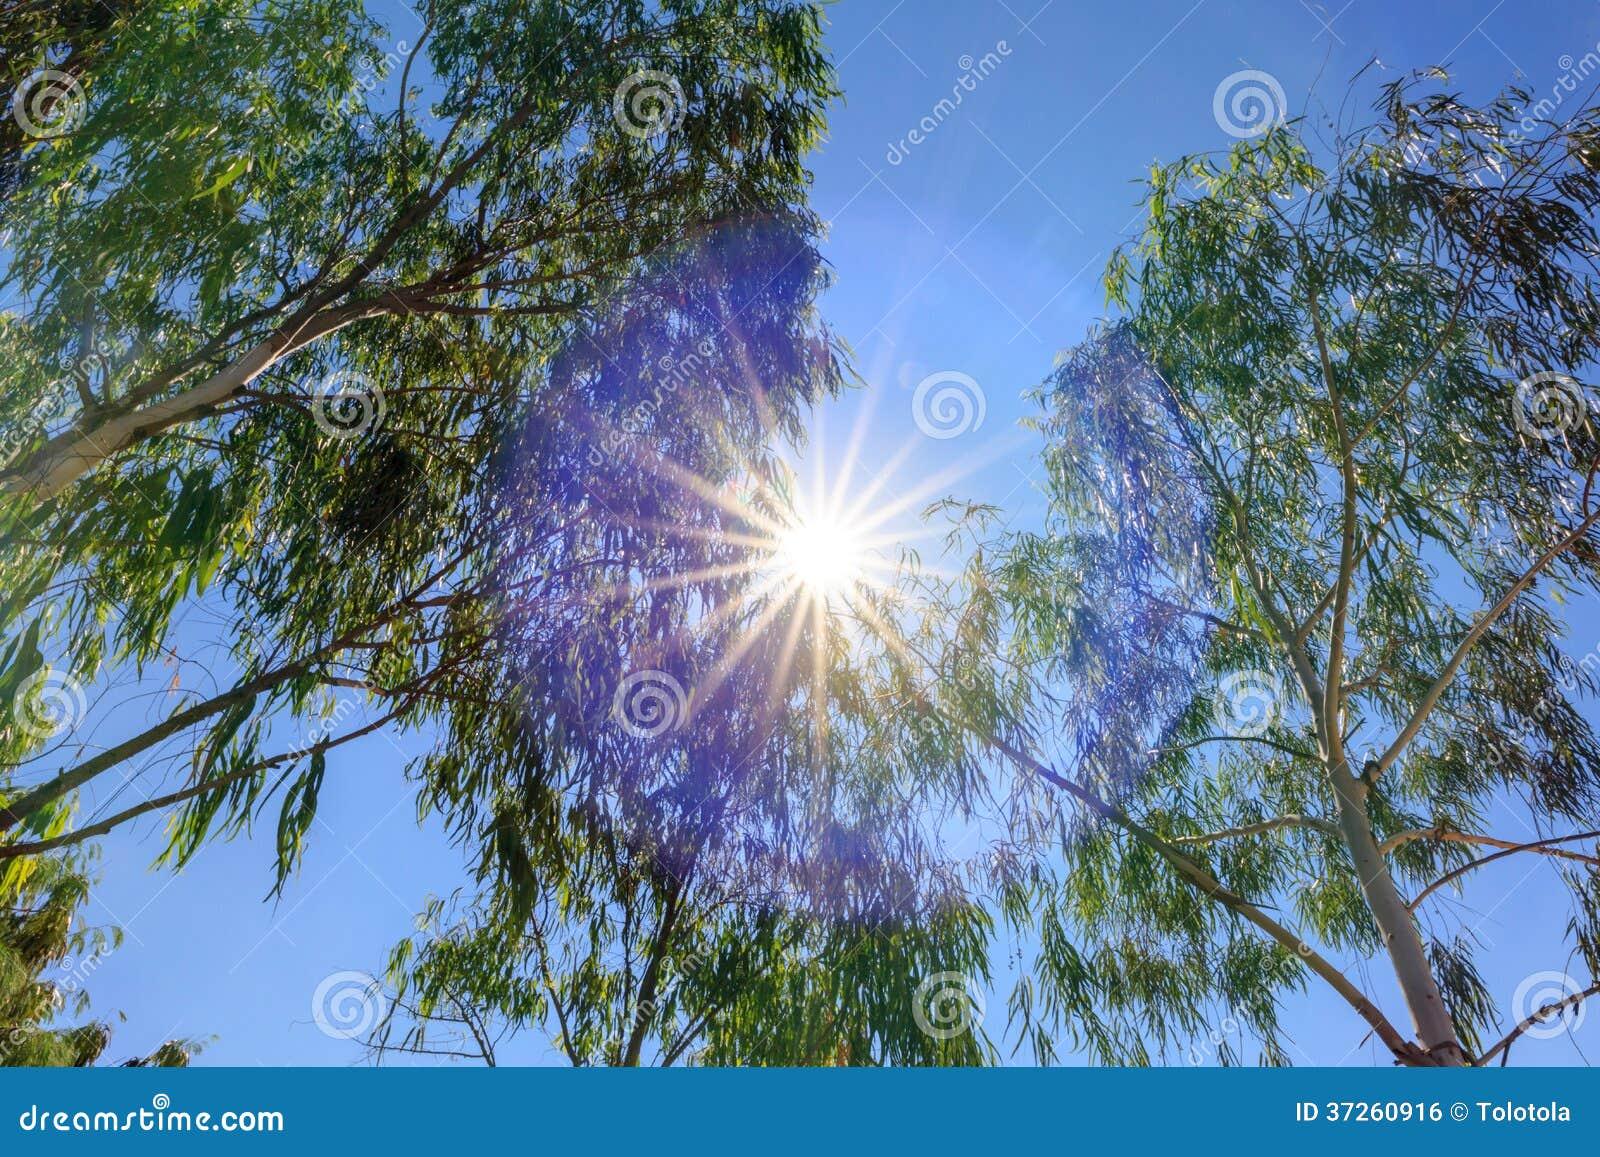 Mirada para arriba al rbol con el fondo del sol for Fondo del sol